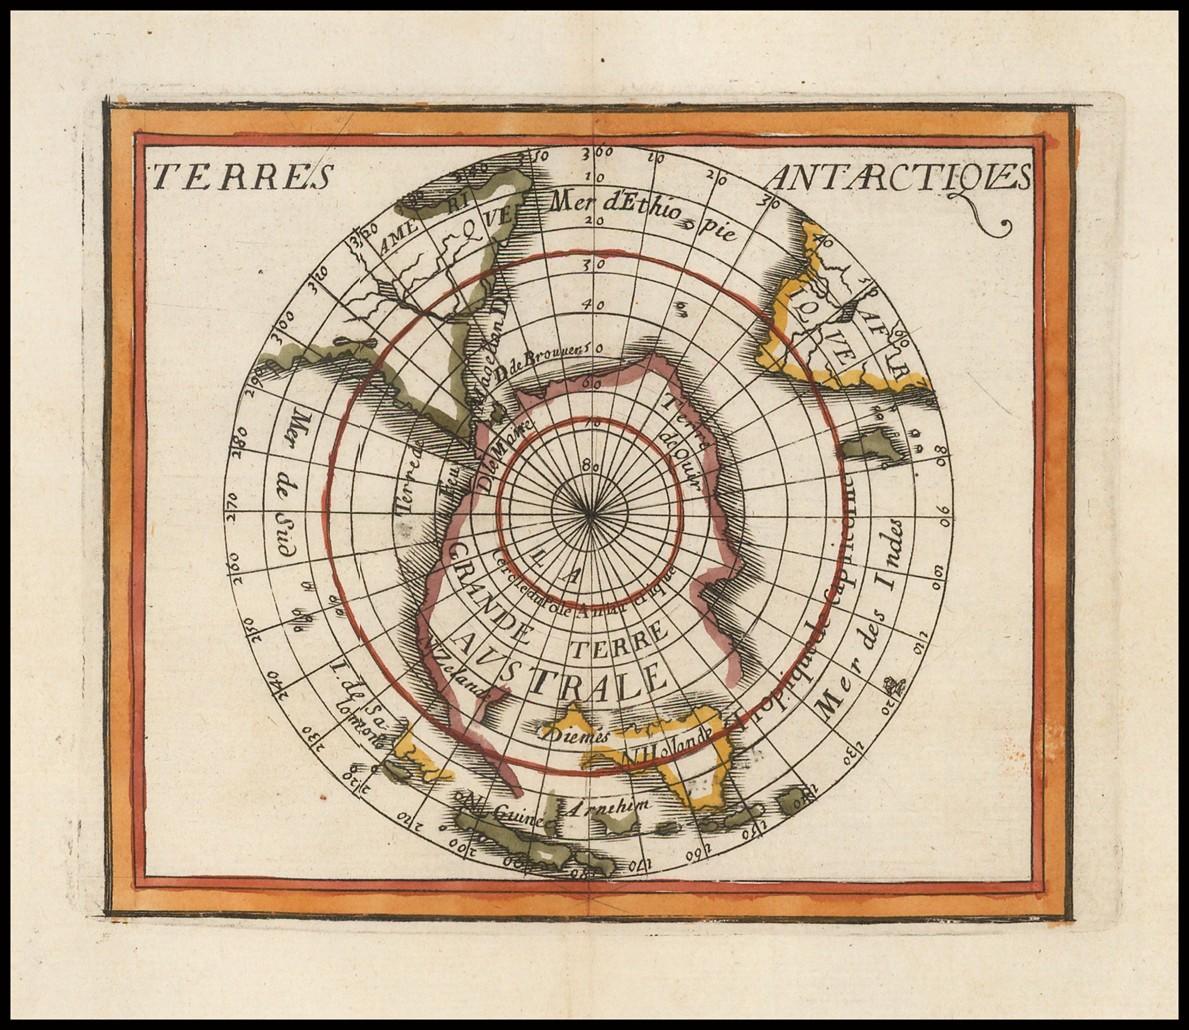 Редкая карта южного полушария, иллюстрирующая известные и воображаемые земли антарктических регионов